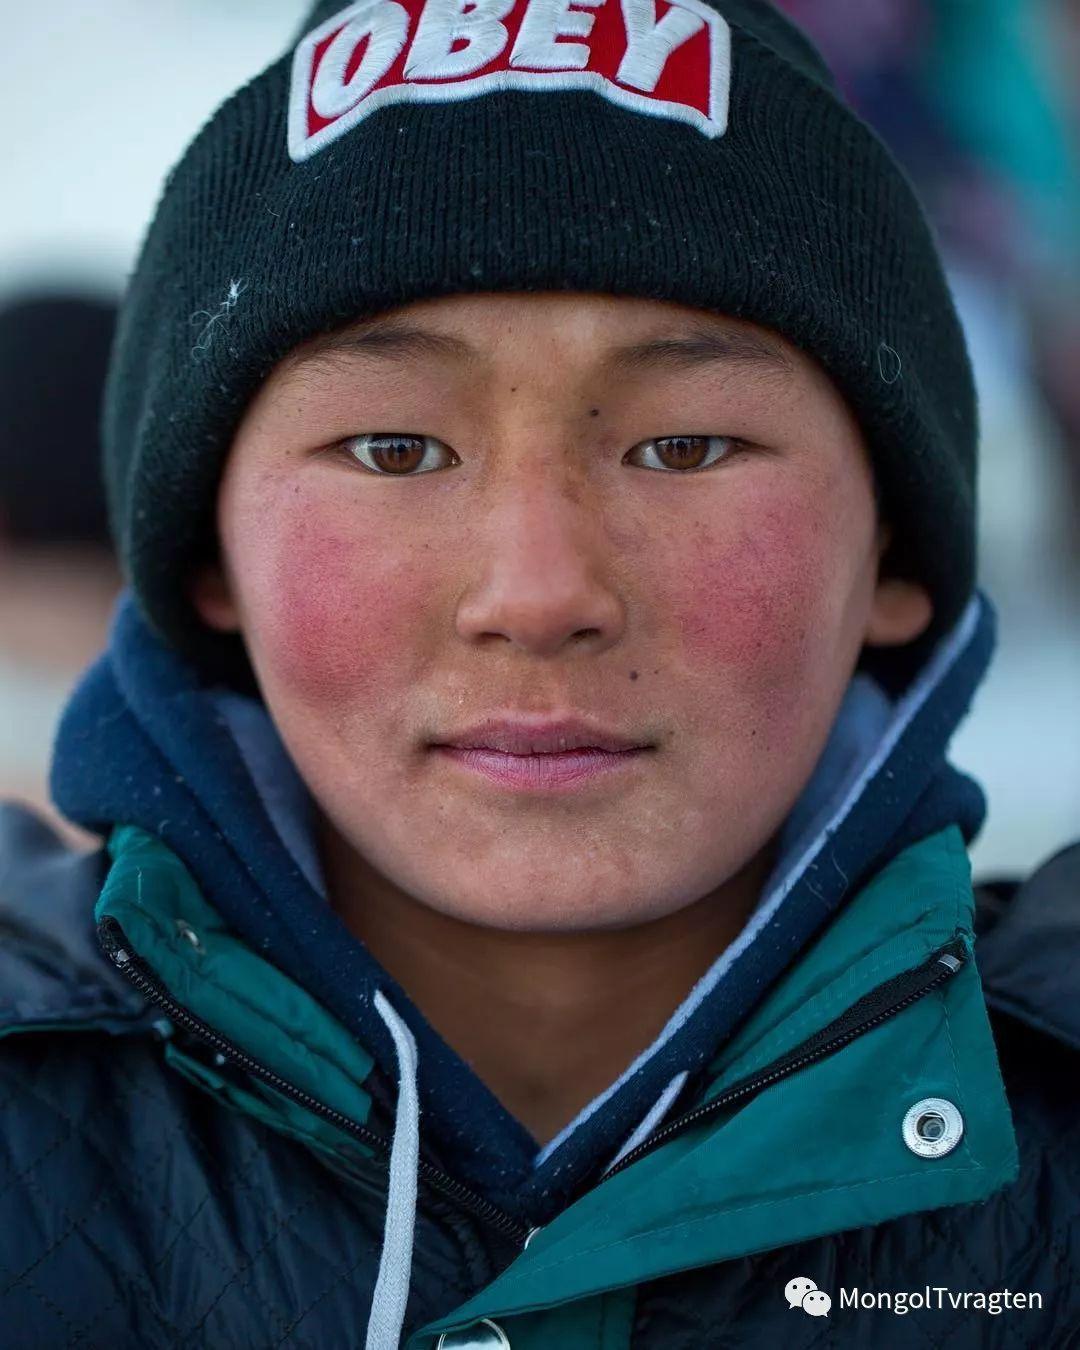 镜头中的蒙古脸庞:摄影师P·杭盖呼摄影作品 第10张 镜头中的蒙古脸庞:摄影师P·杭盖呼摄影作品 蒙古文化